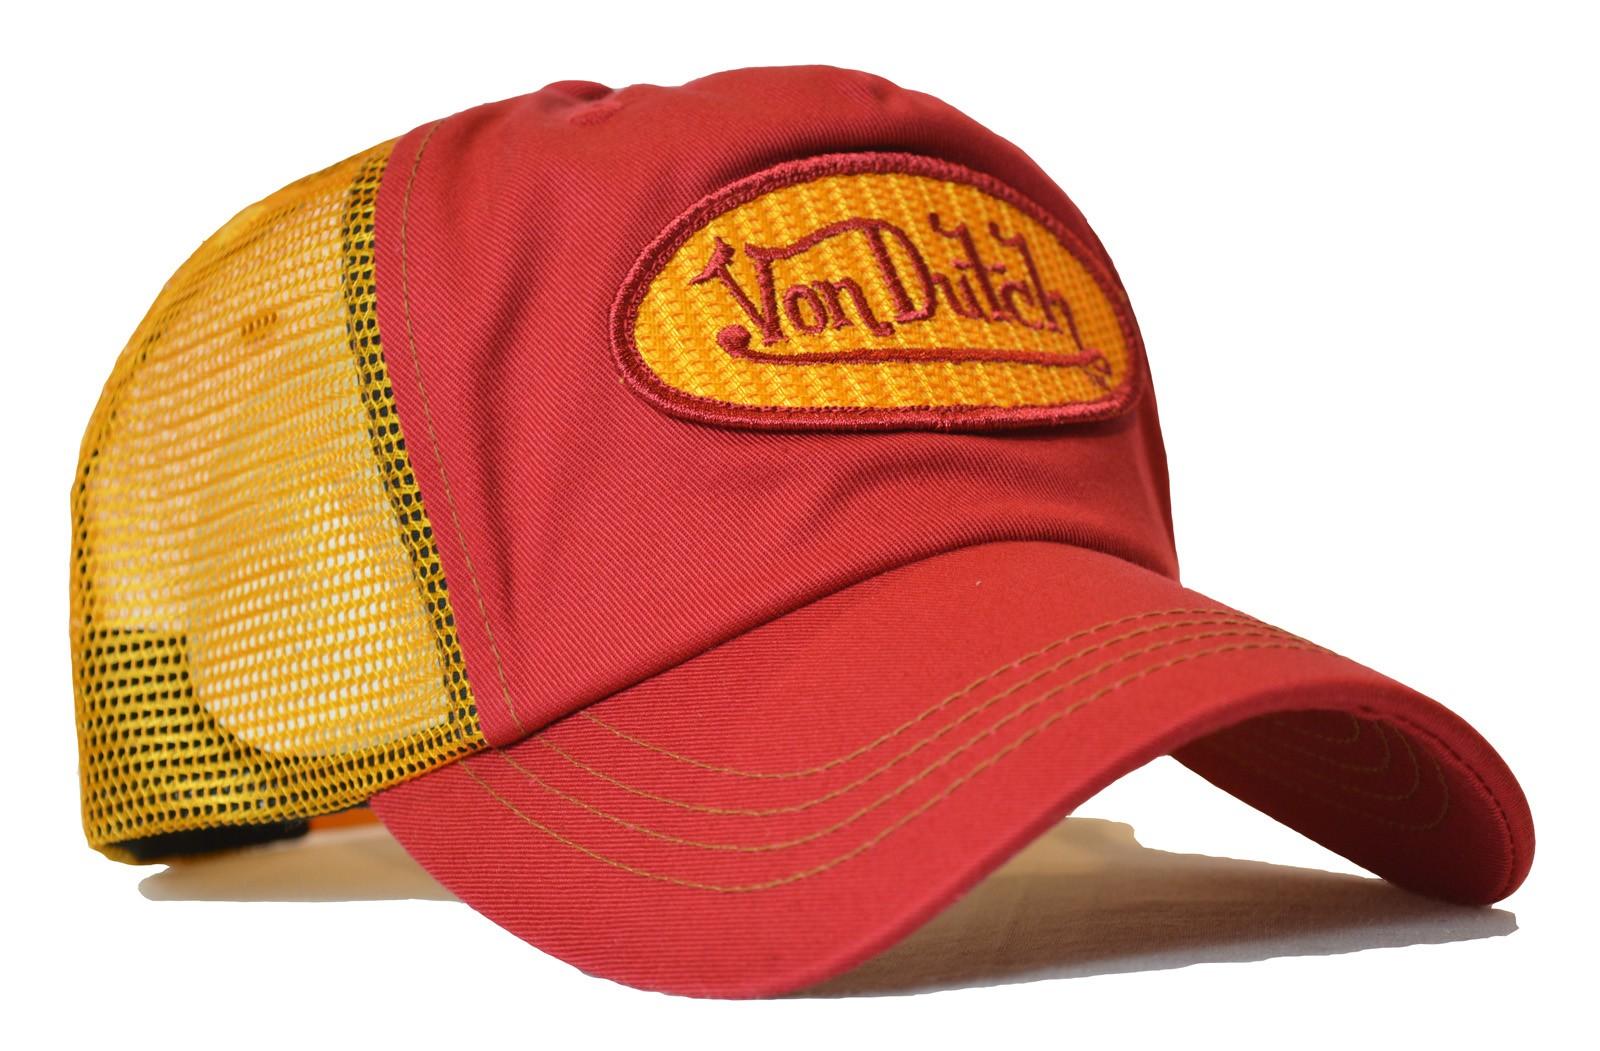 Von Dutch - Classic Red/Yellow Mesh Trucker Cap